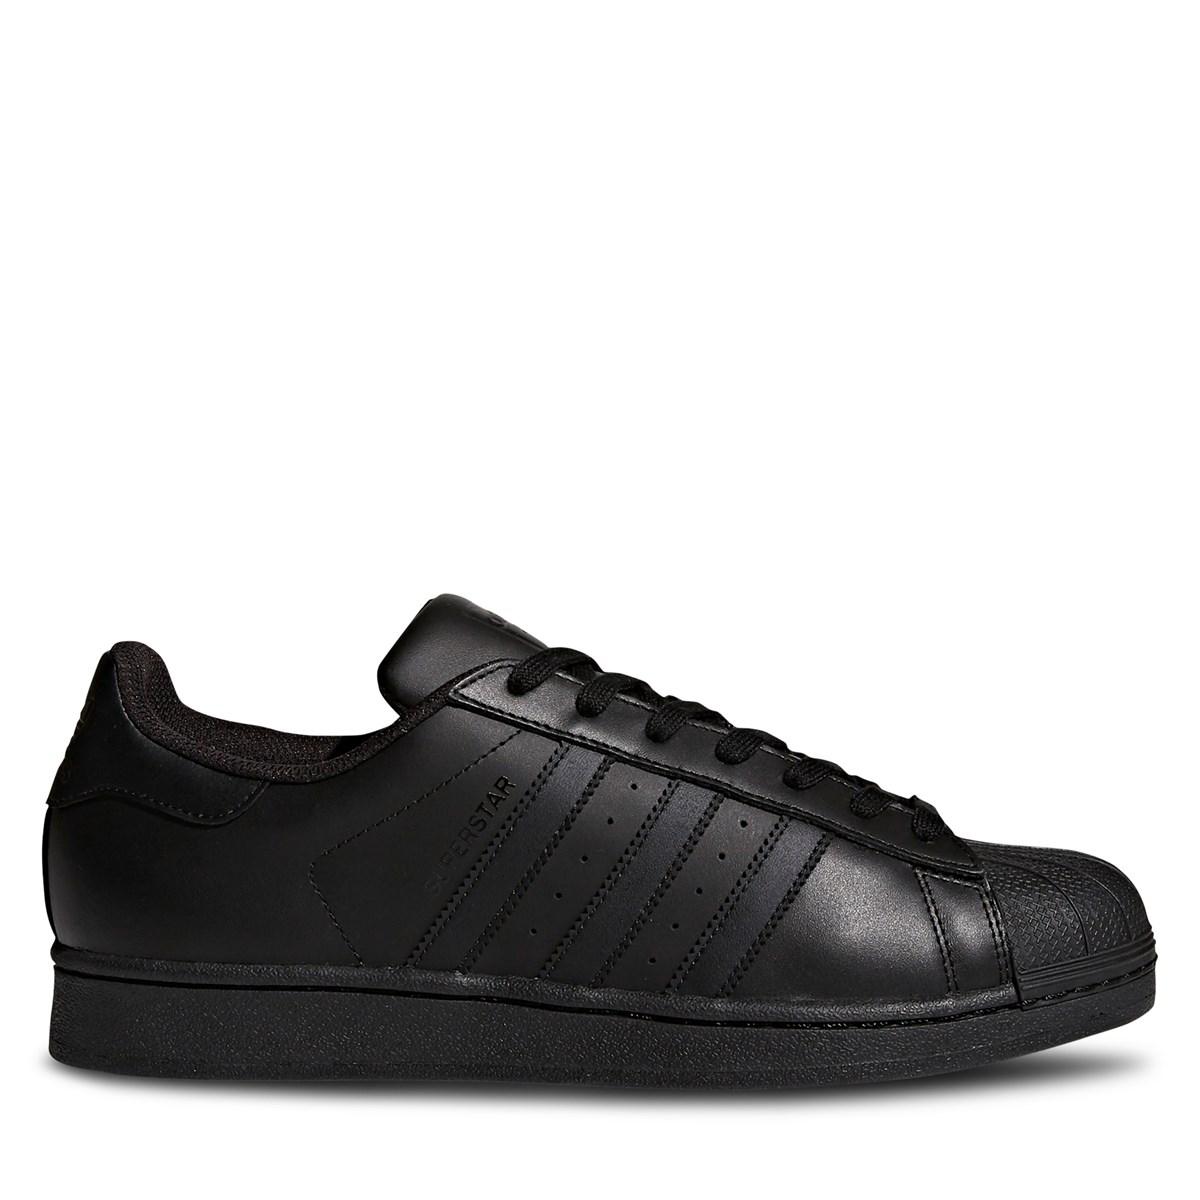 Men's Superstar Sneakers in Black